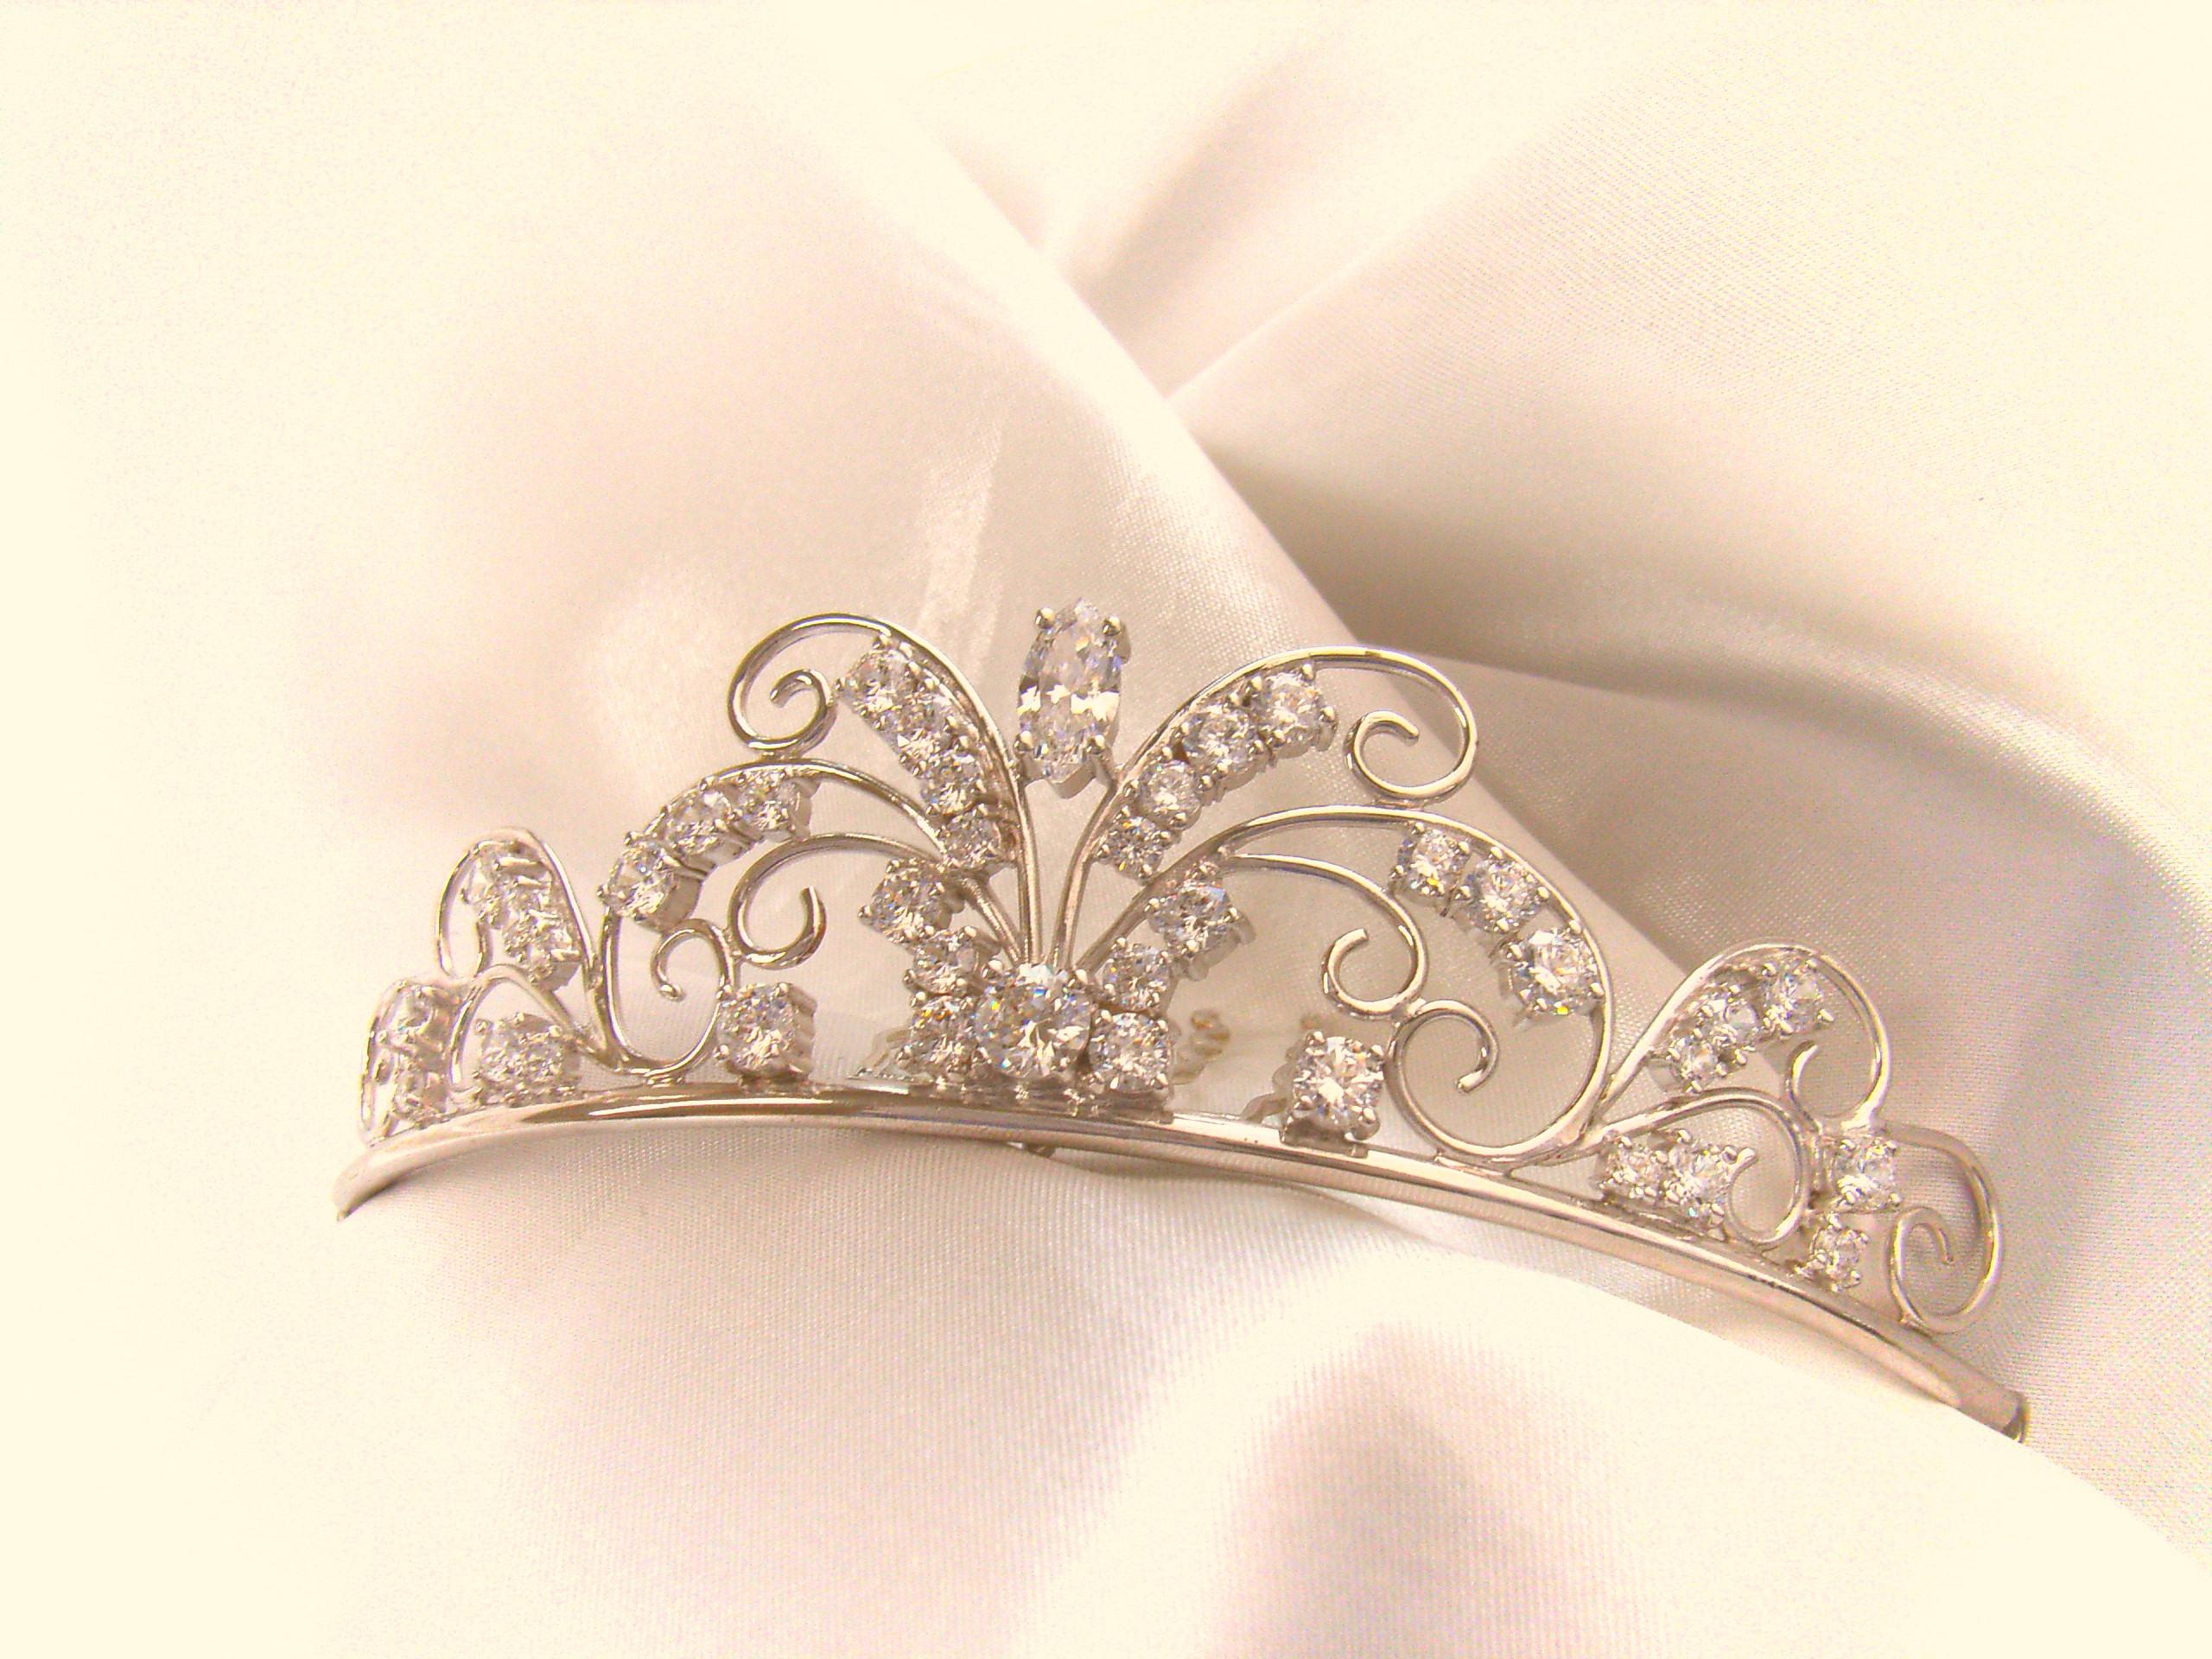 【ヘッドドレス】結婚式に花嫁がつけたいヘッドドレス画像集のサムネイル画像